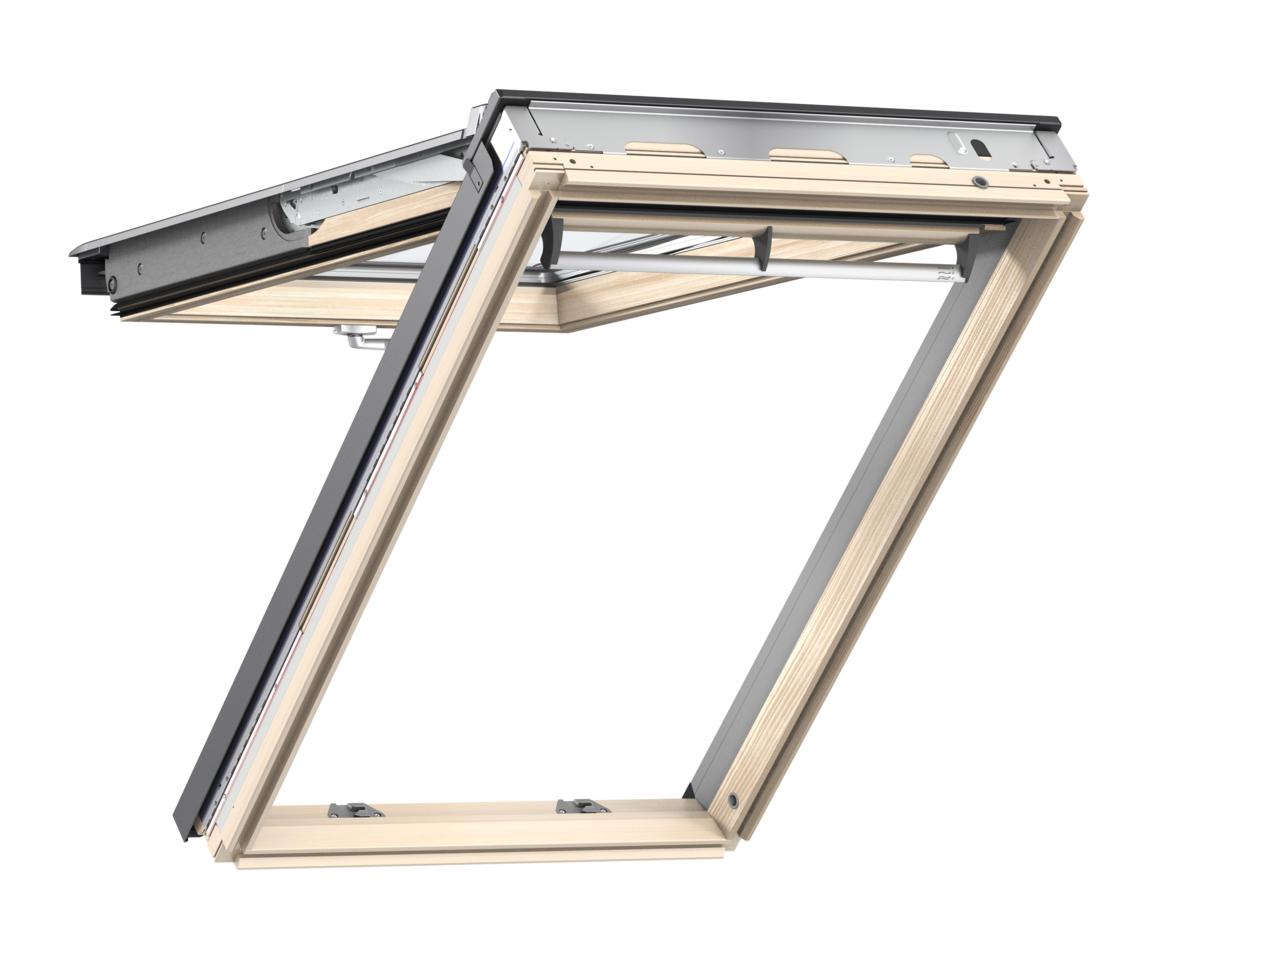 Velux Gpl Klapp Schwingfenster Aus Holz Von Perfekt Bau Eu